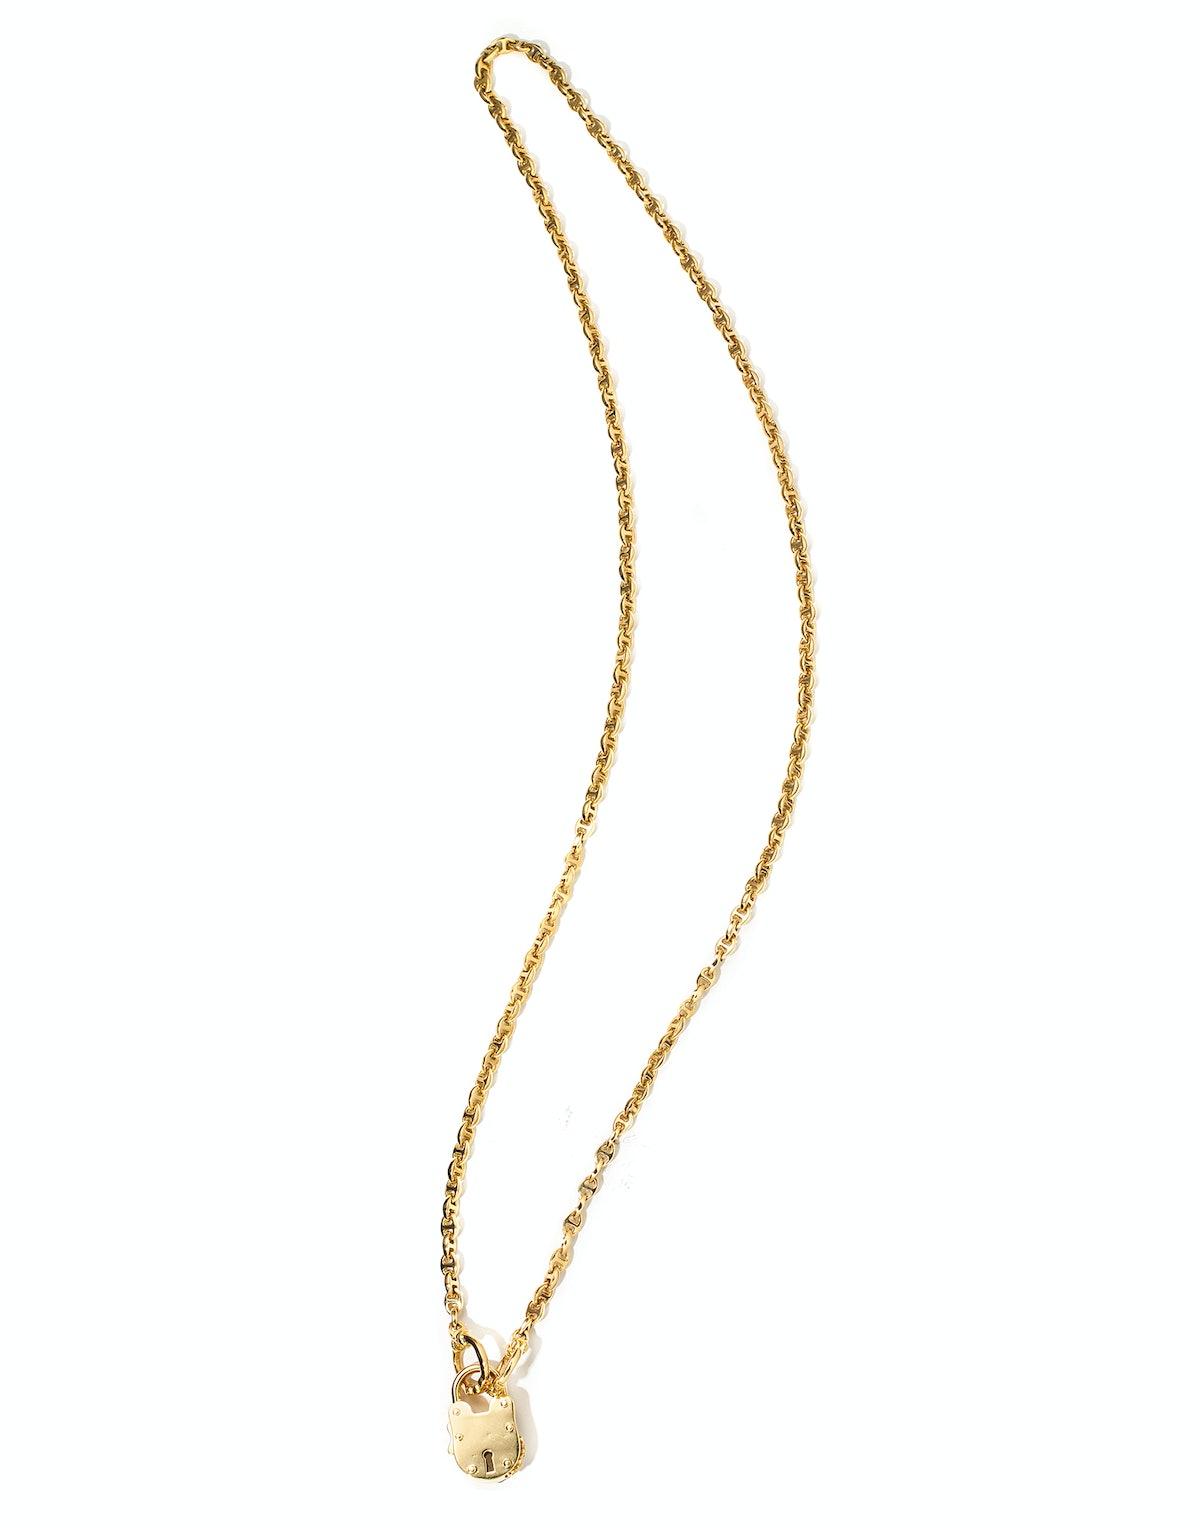 Hoorsenbuhs necklace locket